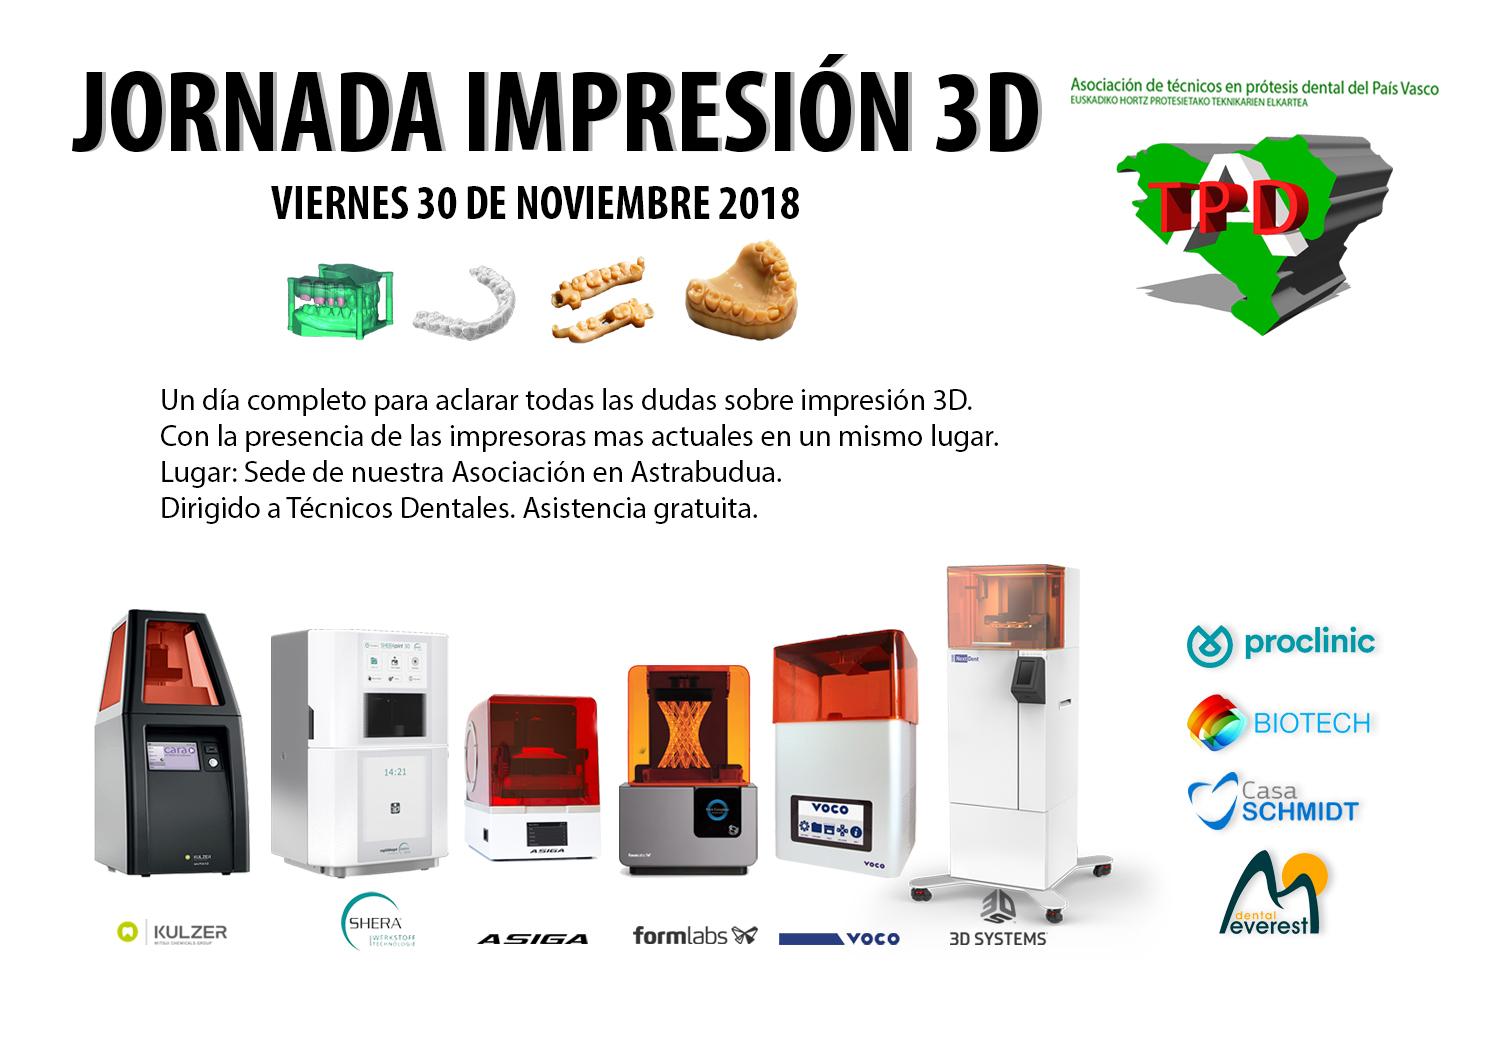 Jornada de impresión 3D 30 de Noviembre 2018